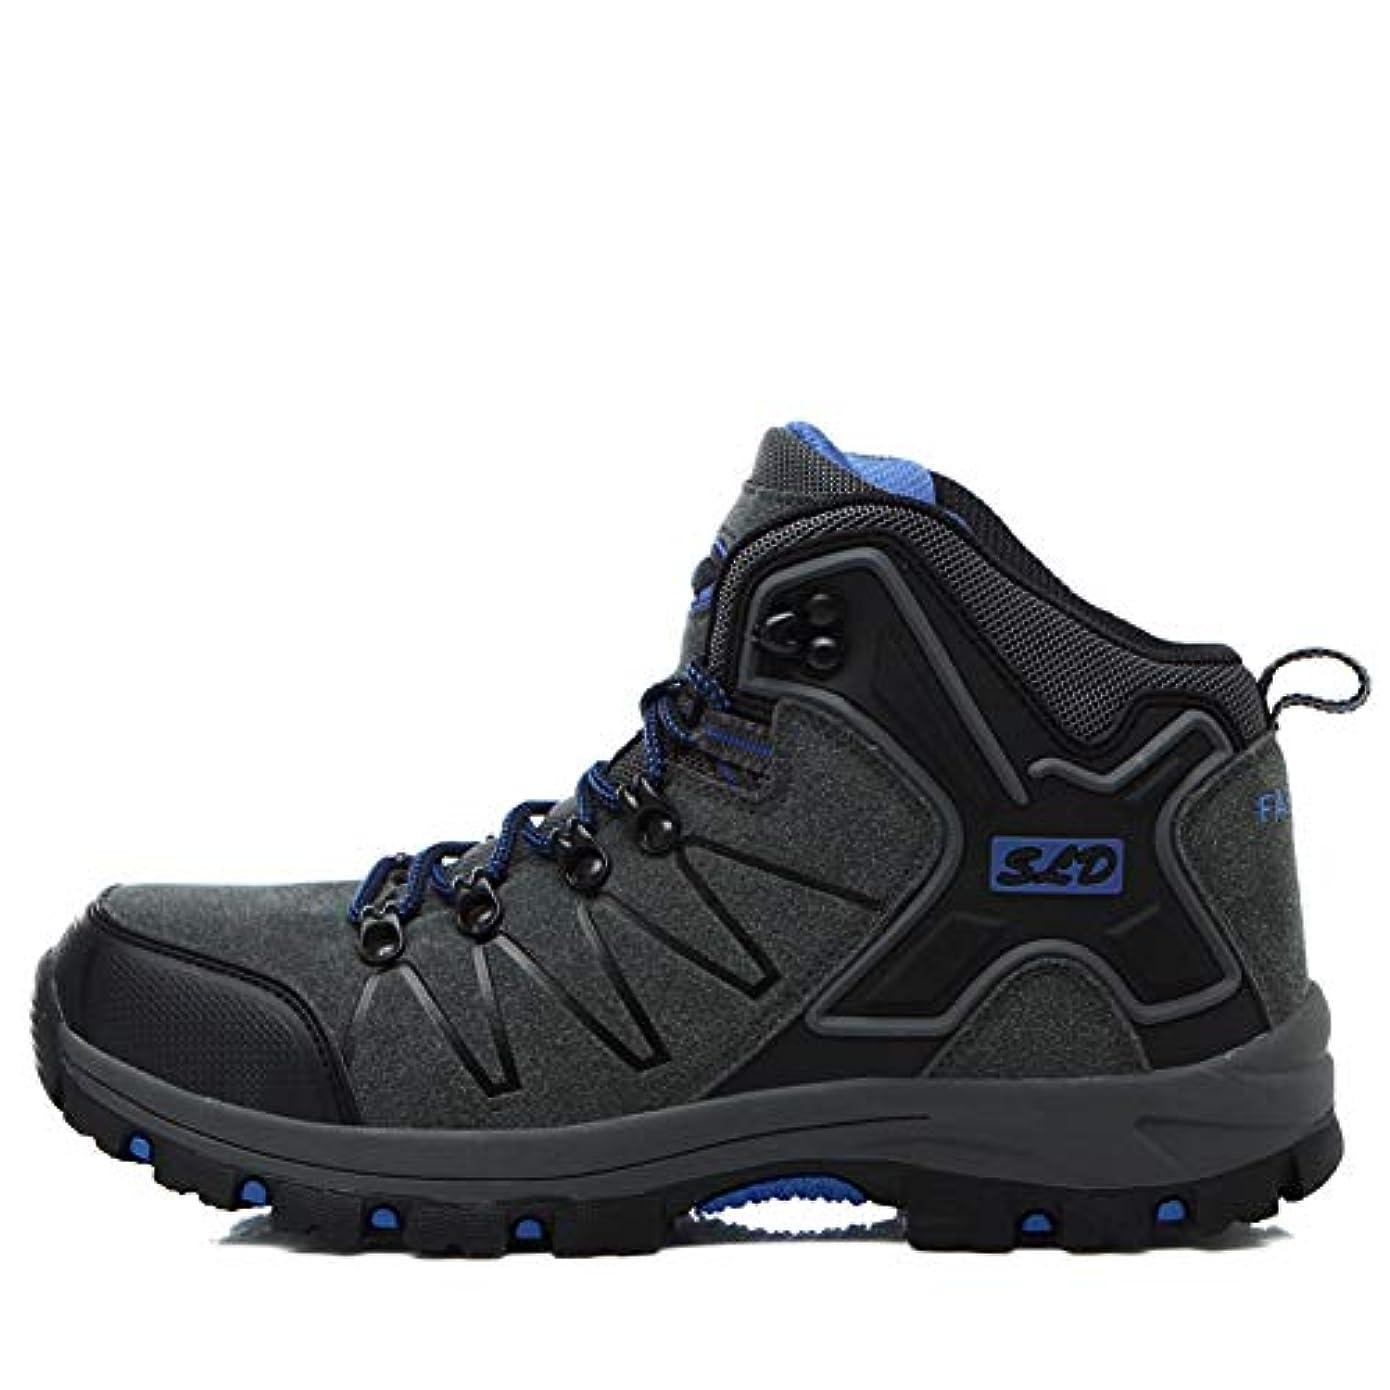 上へ分離するローズ[TcIFE] トレッキングシューズ メンズ 防水 防滑 ハイカット 登山靴 大きいサイズ ハイキングシューズ メンズ 耐磨耗 ハイキングシューズ メンズ 通気性 スニーカー